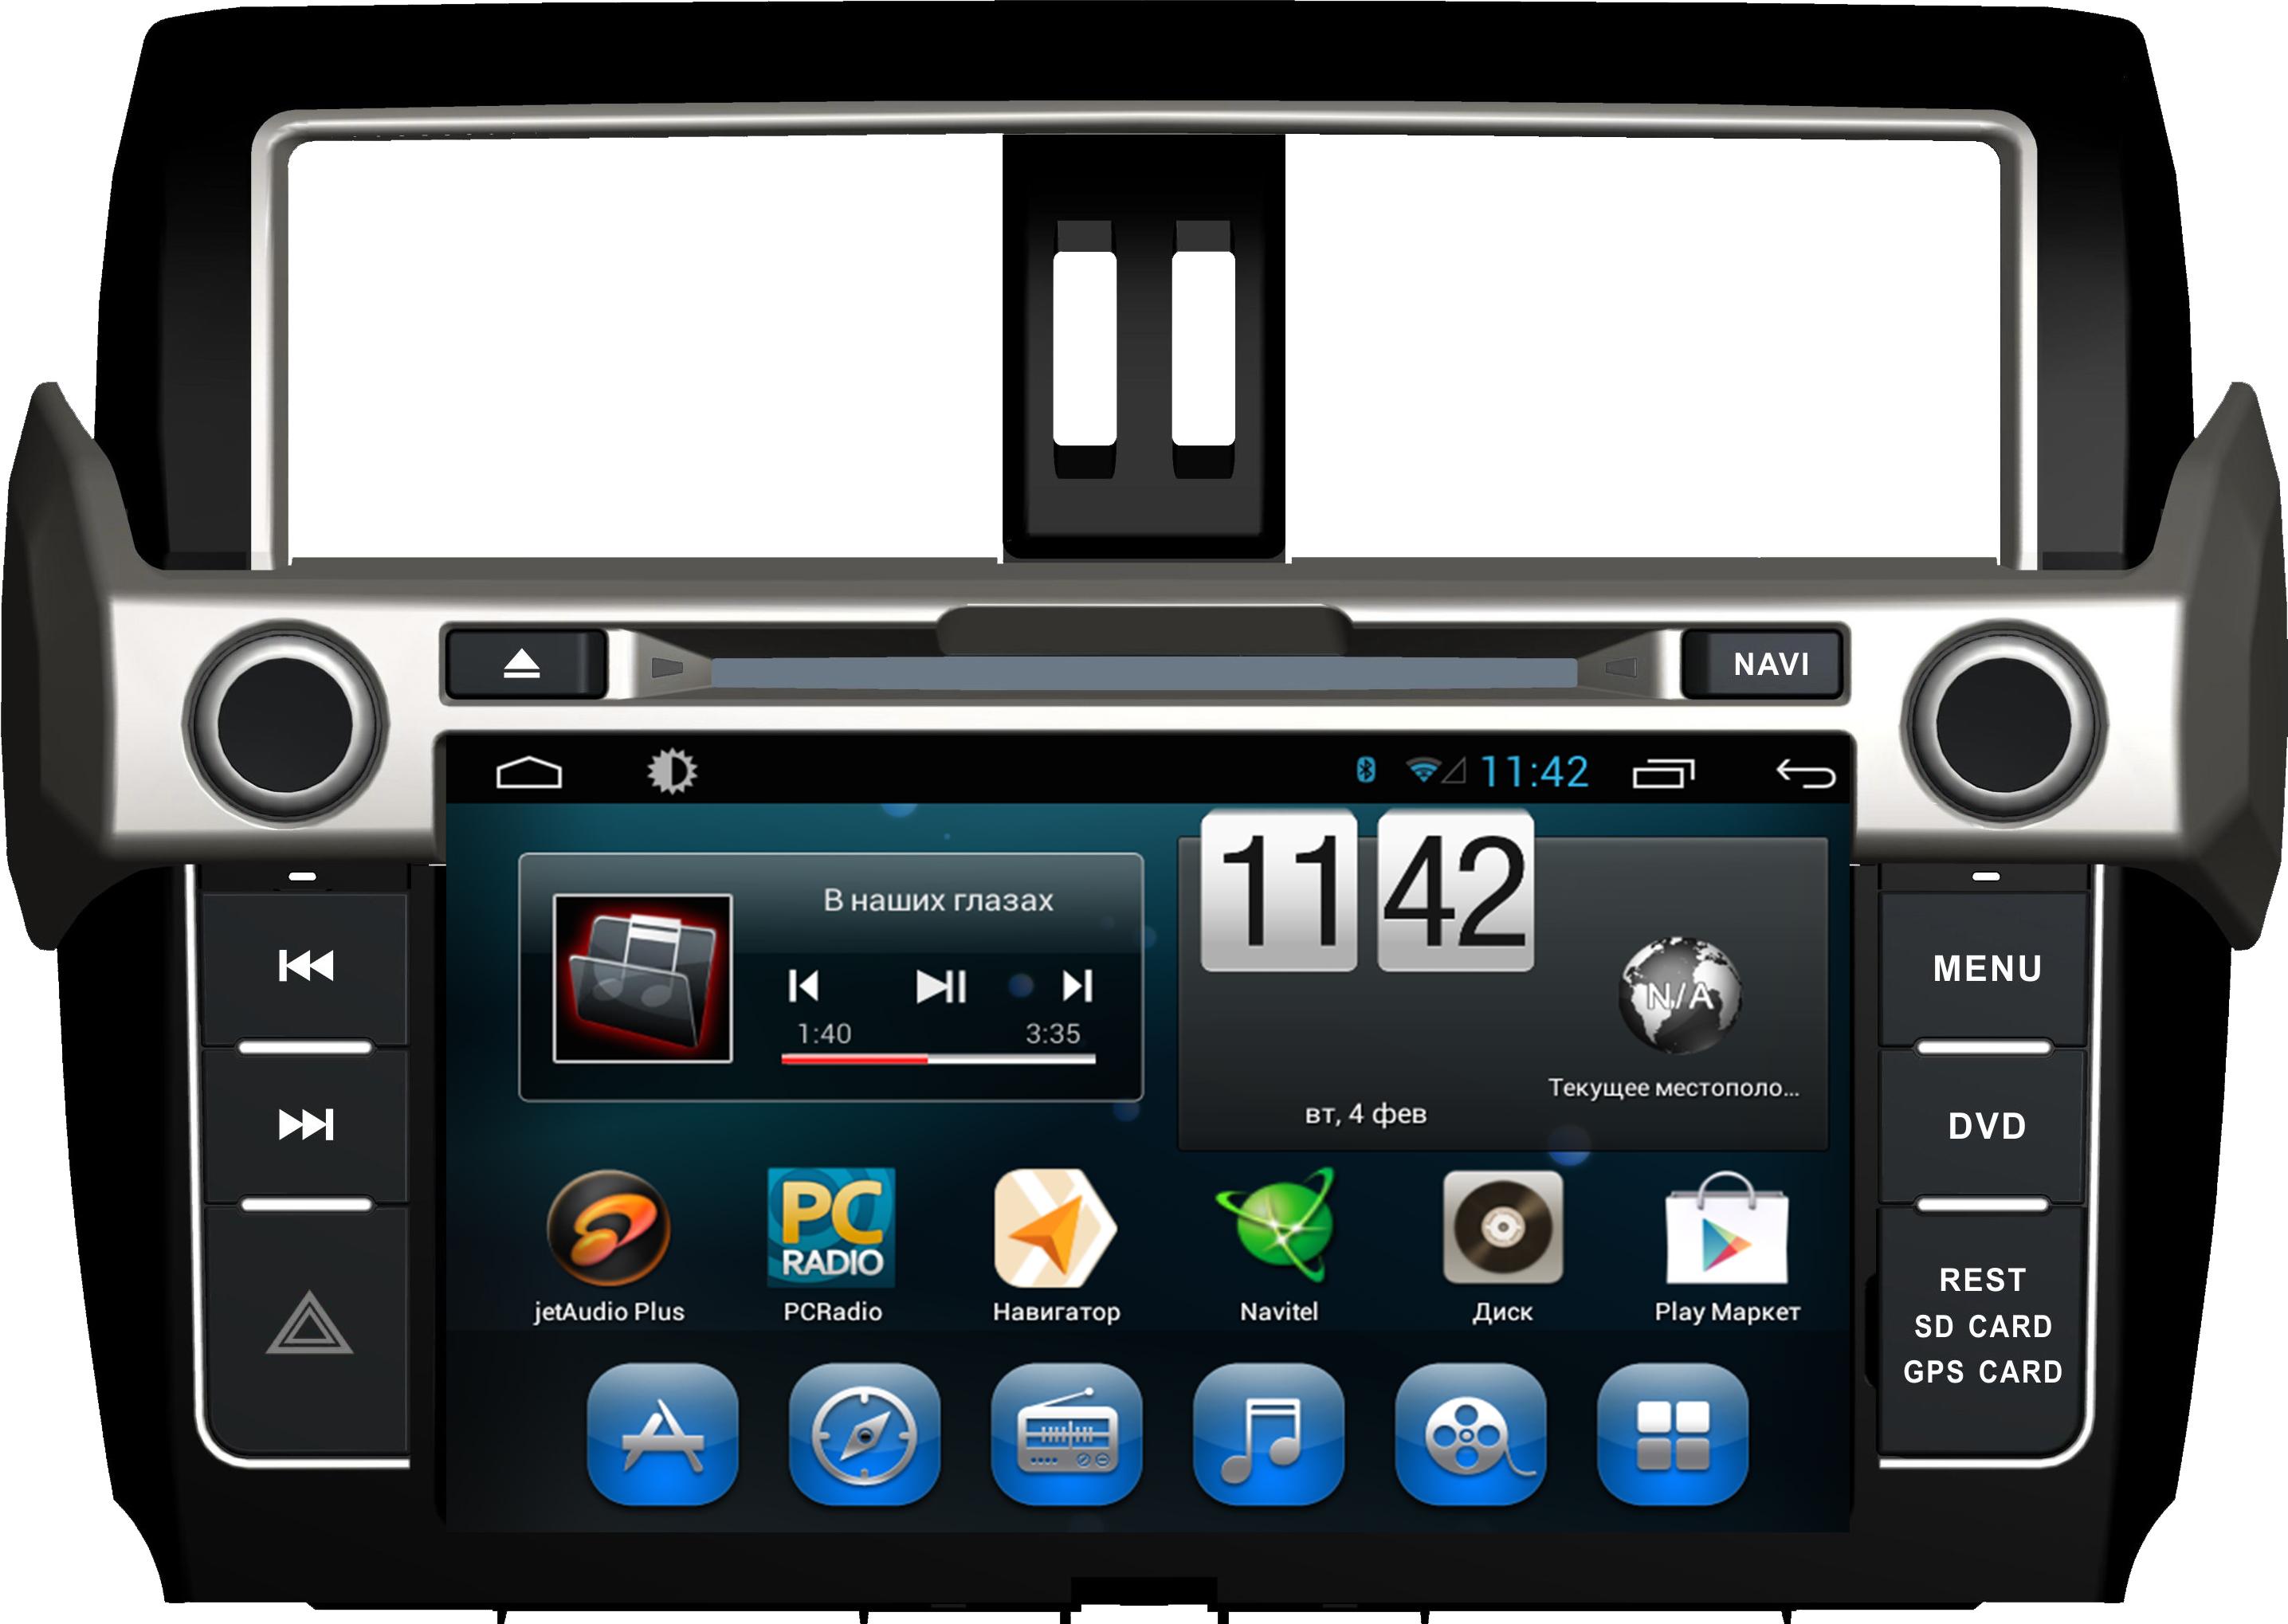 Штатная магнитола CARMEDIA QR-9000-T8 Toyota Land Cruiser Prado 150 2013-2016 (поддержка кругового обзора, усилителя, камеры, бк) на OC Android 7.1.2 / 8.1 (+ камера заднего вида) цена